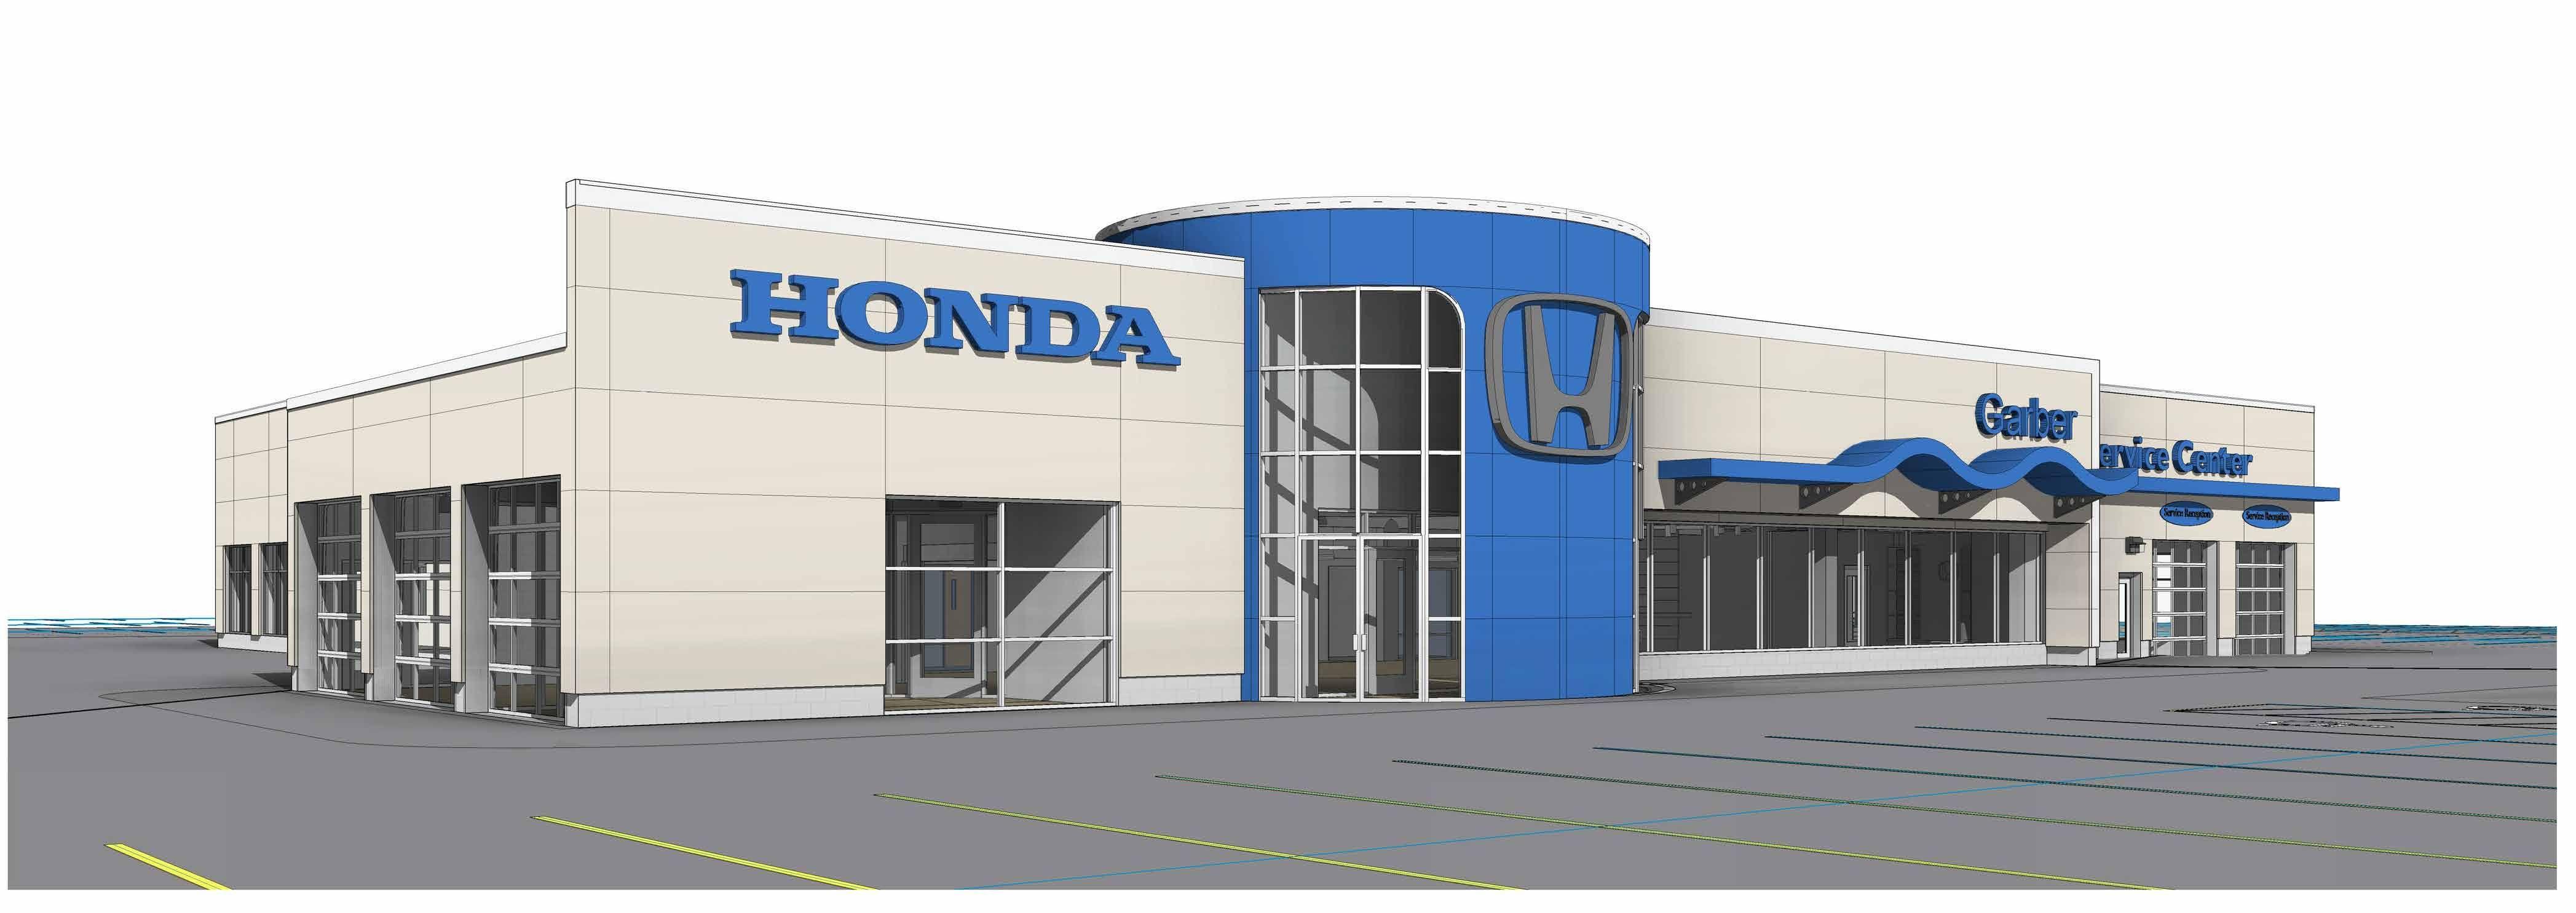 Garber Honda Rochester, NY | Our Dealership | Pinterest